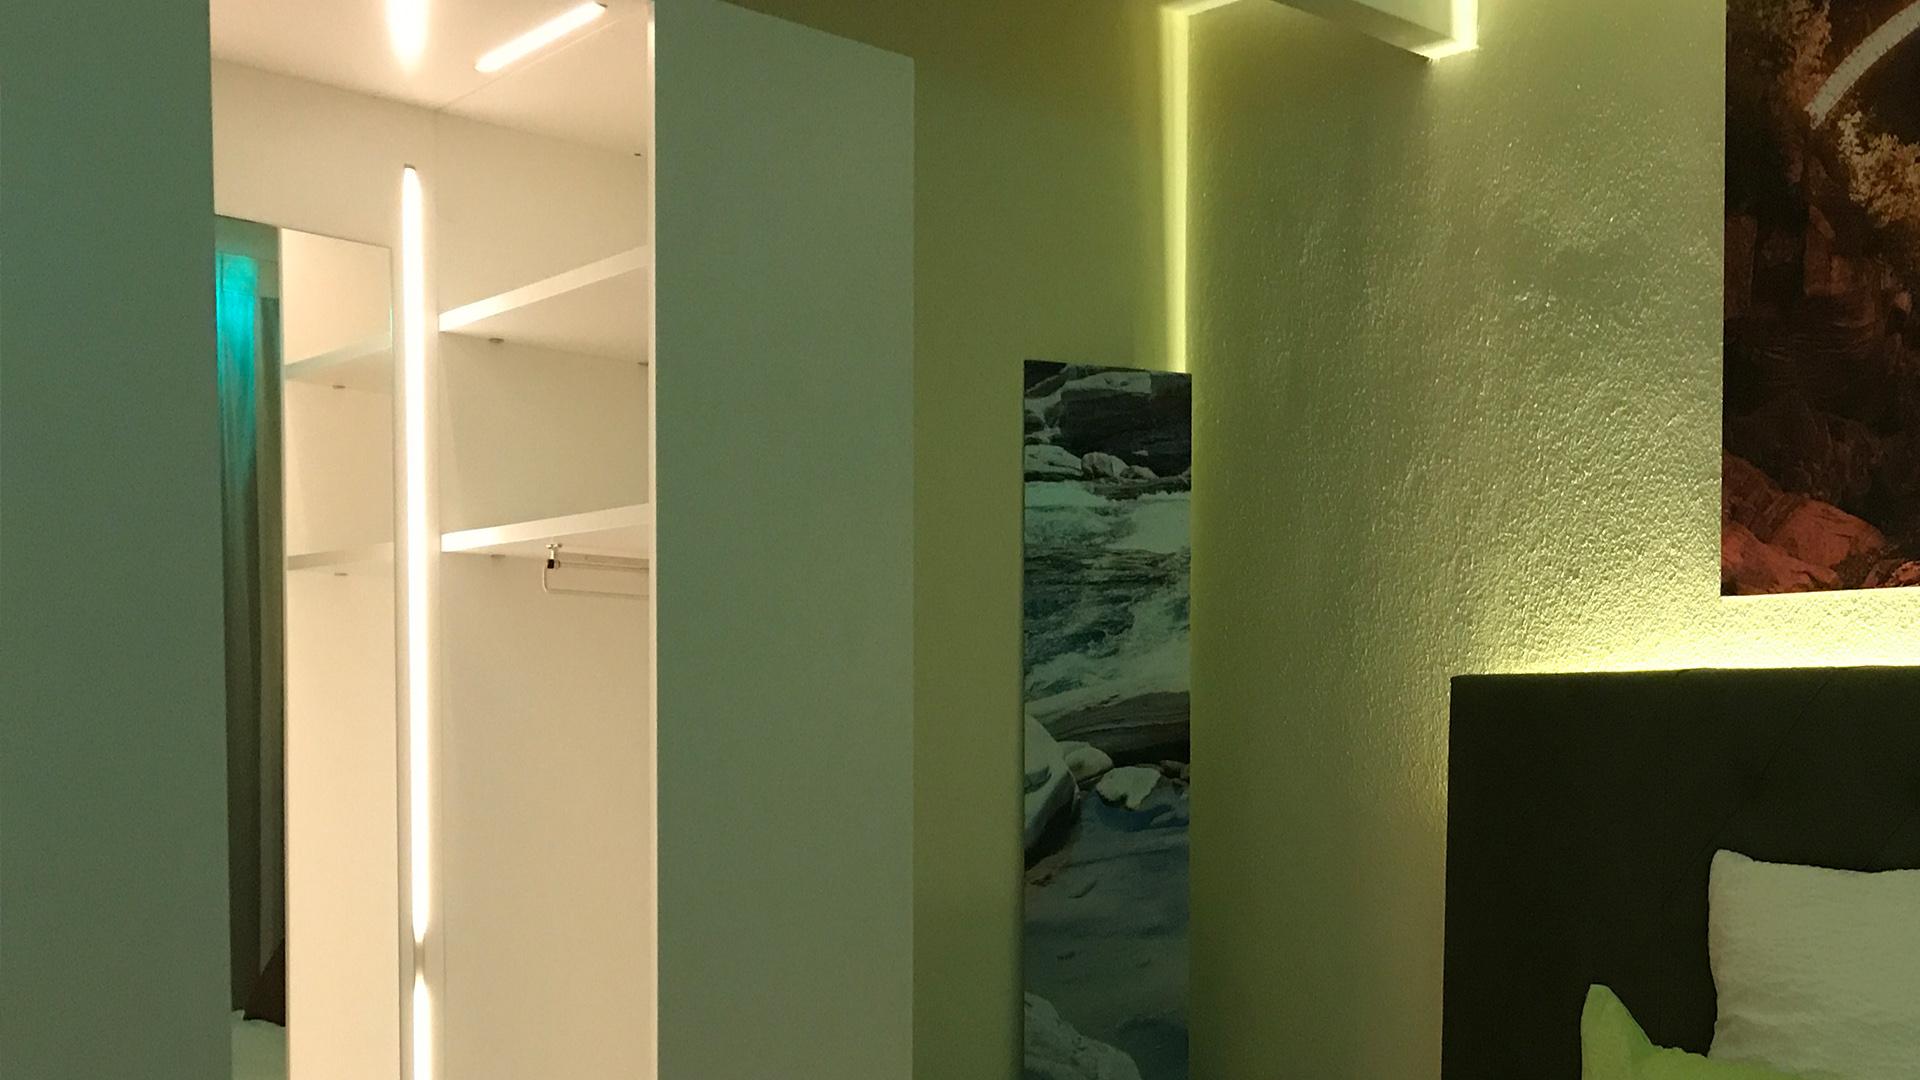 Bequeme Betten mit Kopfbrettbeleuchtung, Schwanenhalslampe, Schreibtisch mit USB Stecker und beleuchtete Kleiderkabine